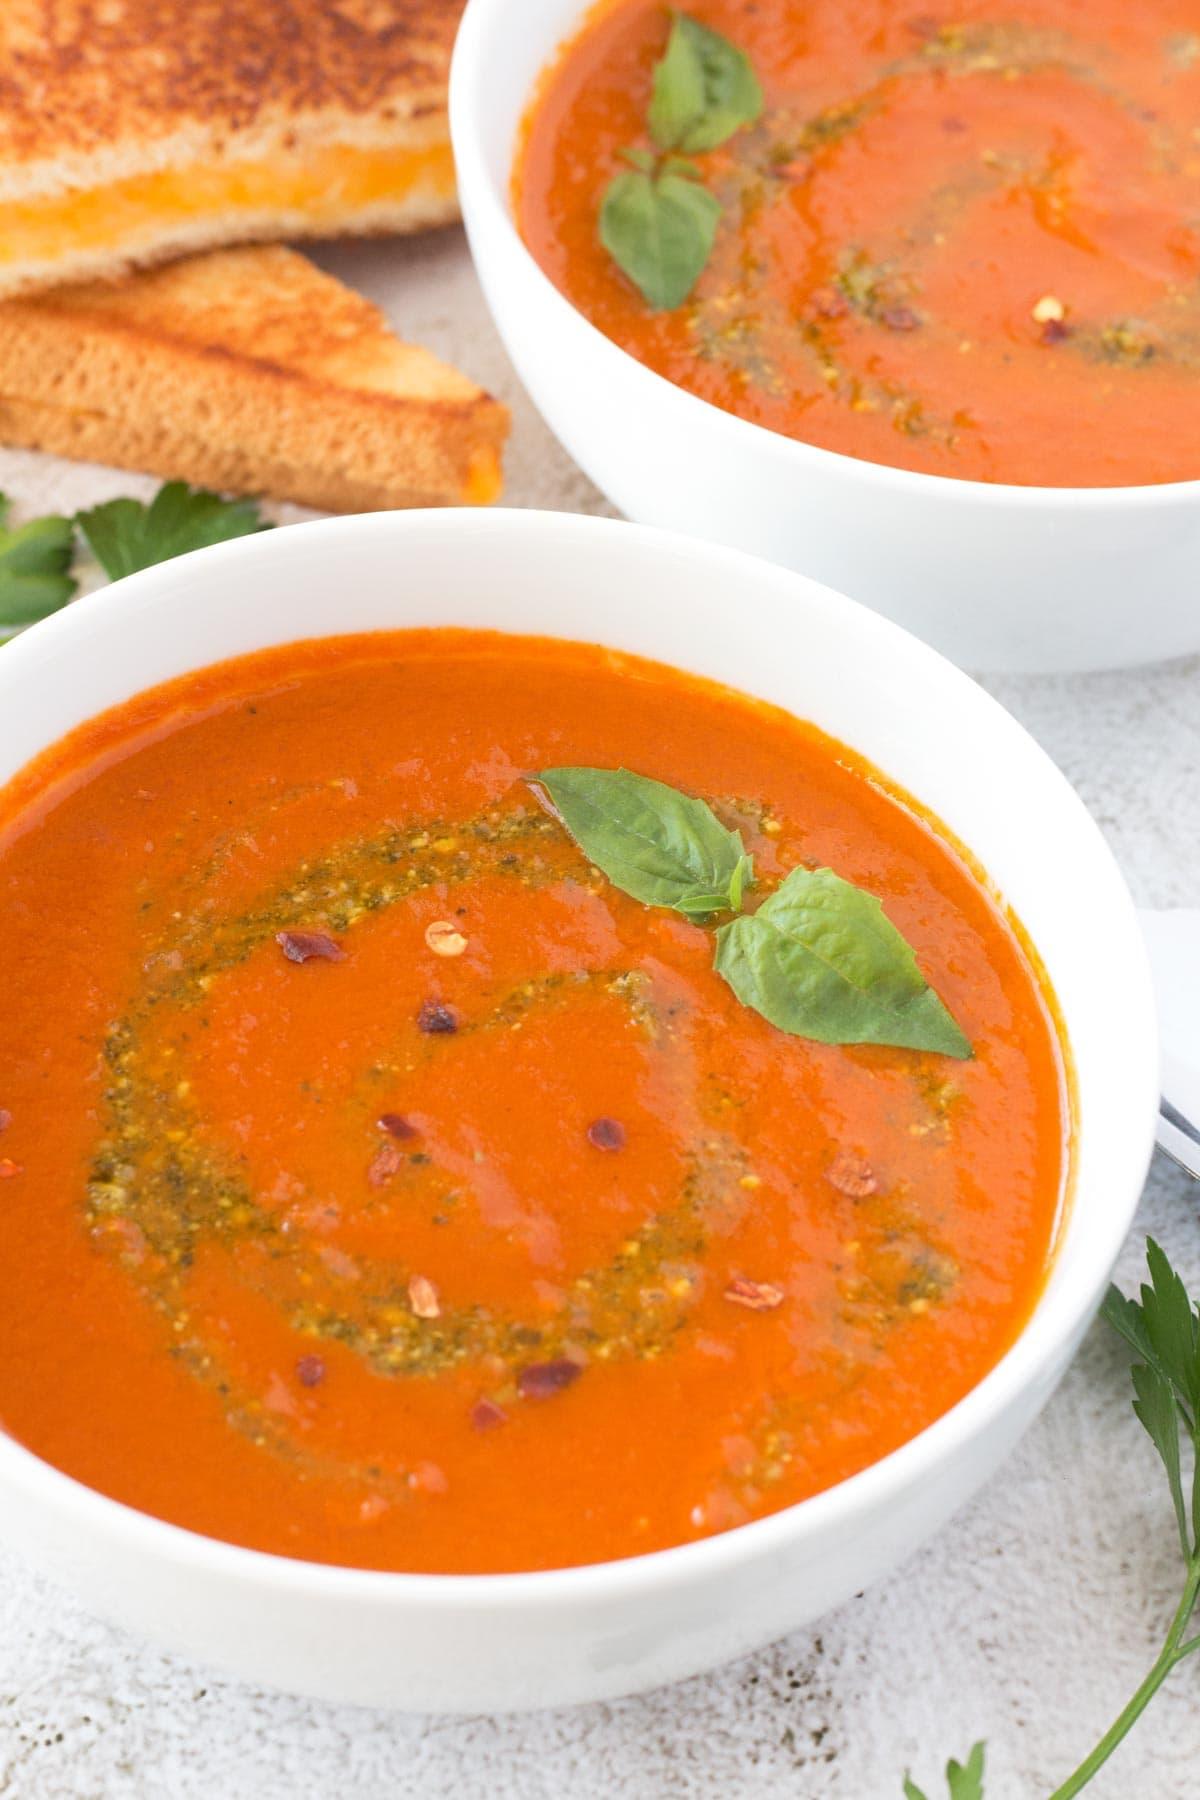 Basil pesto swirled into bowl of roasted tomato soup.